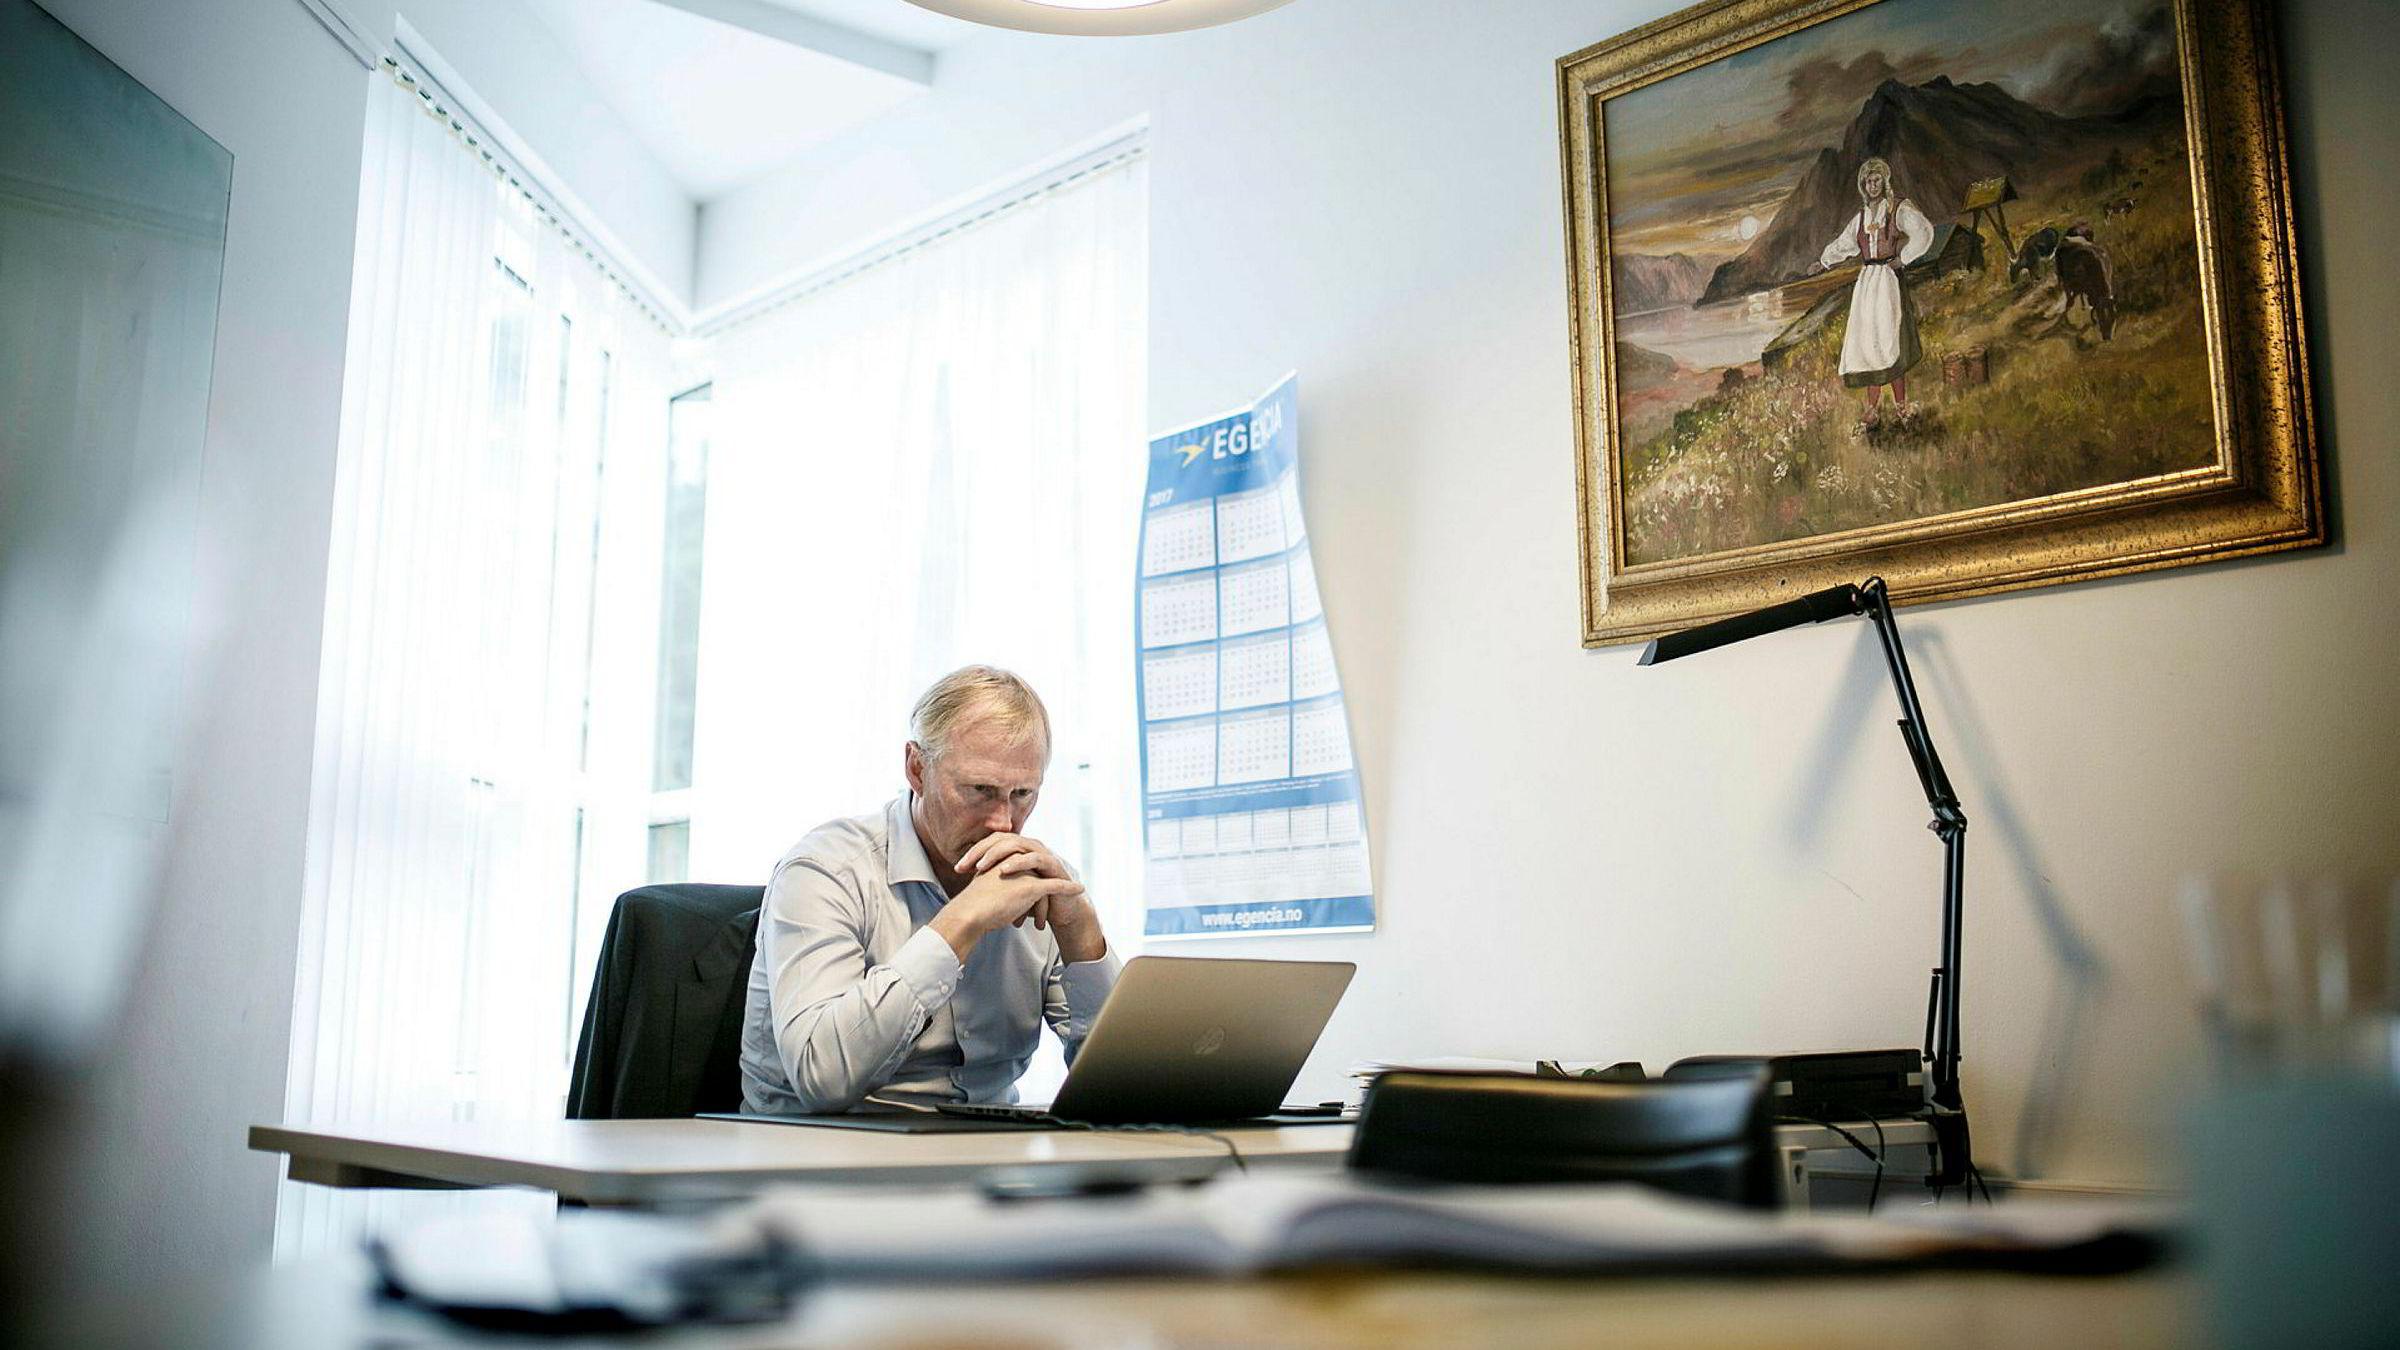 Synnøve Finden-sjef Trond Haug har planene klare for en større utbygging på flytende melkeprodukter i Tines tidligere storanlegg på Tolga. Tine forventer nå sterkere konkurranse på flytende produkter.